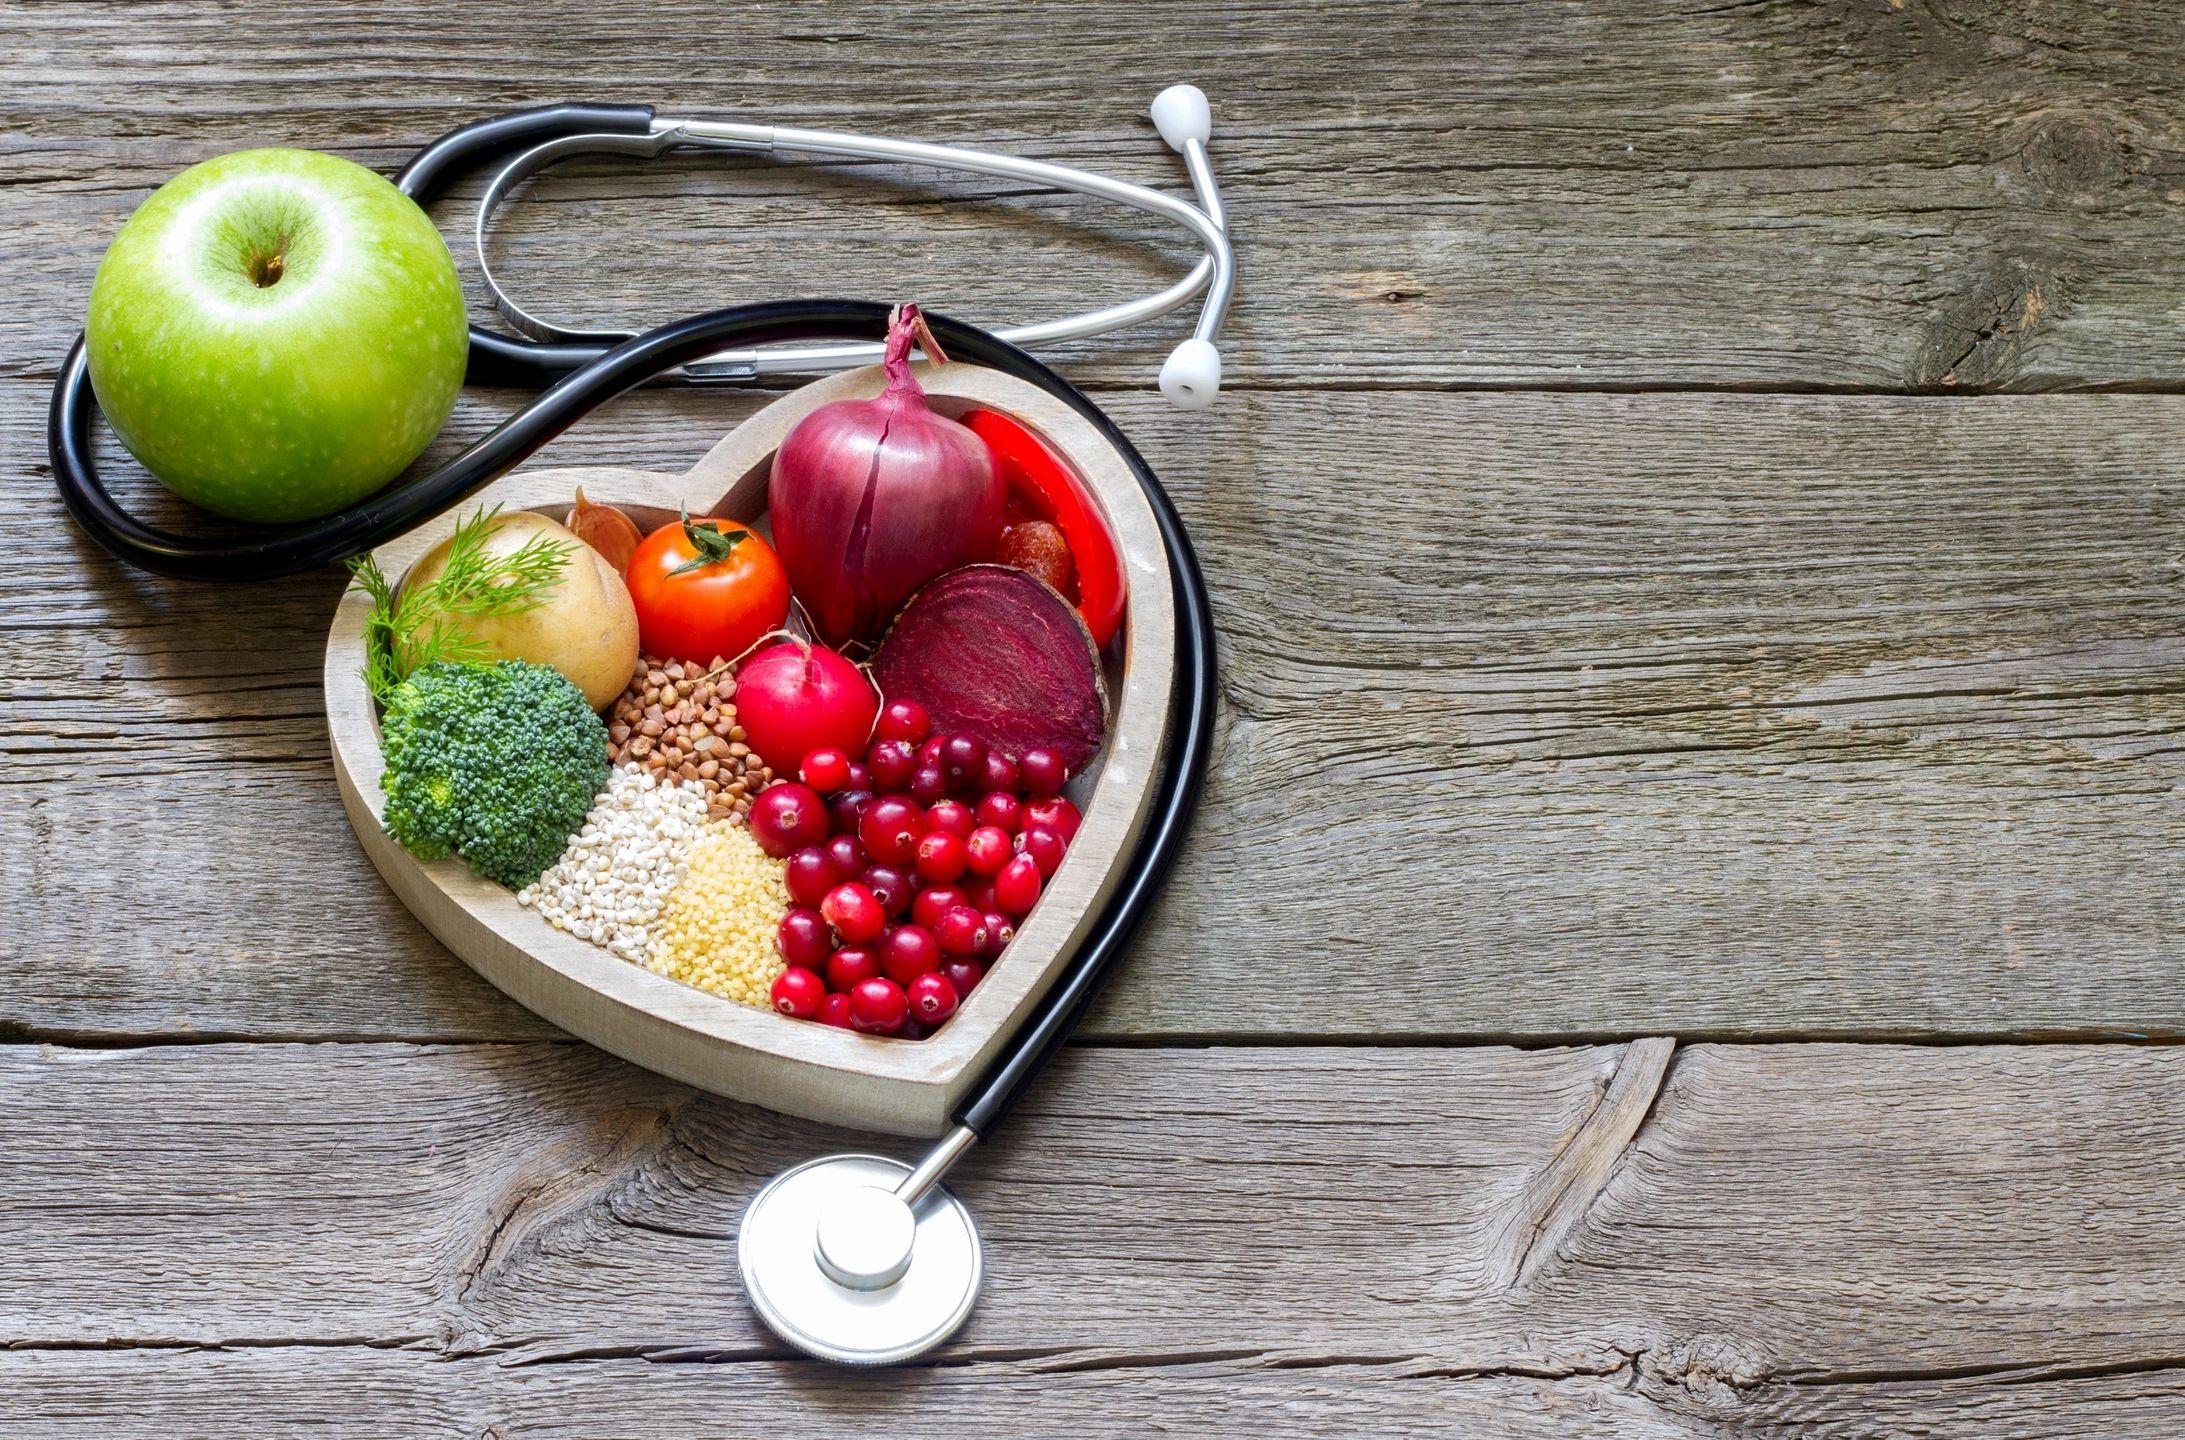 Prime Direct Health